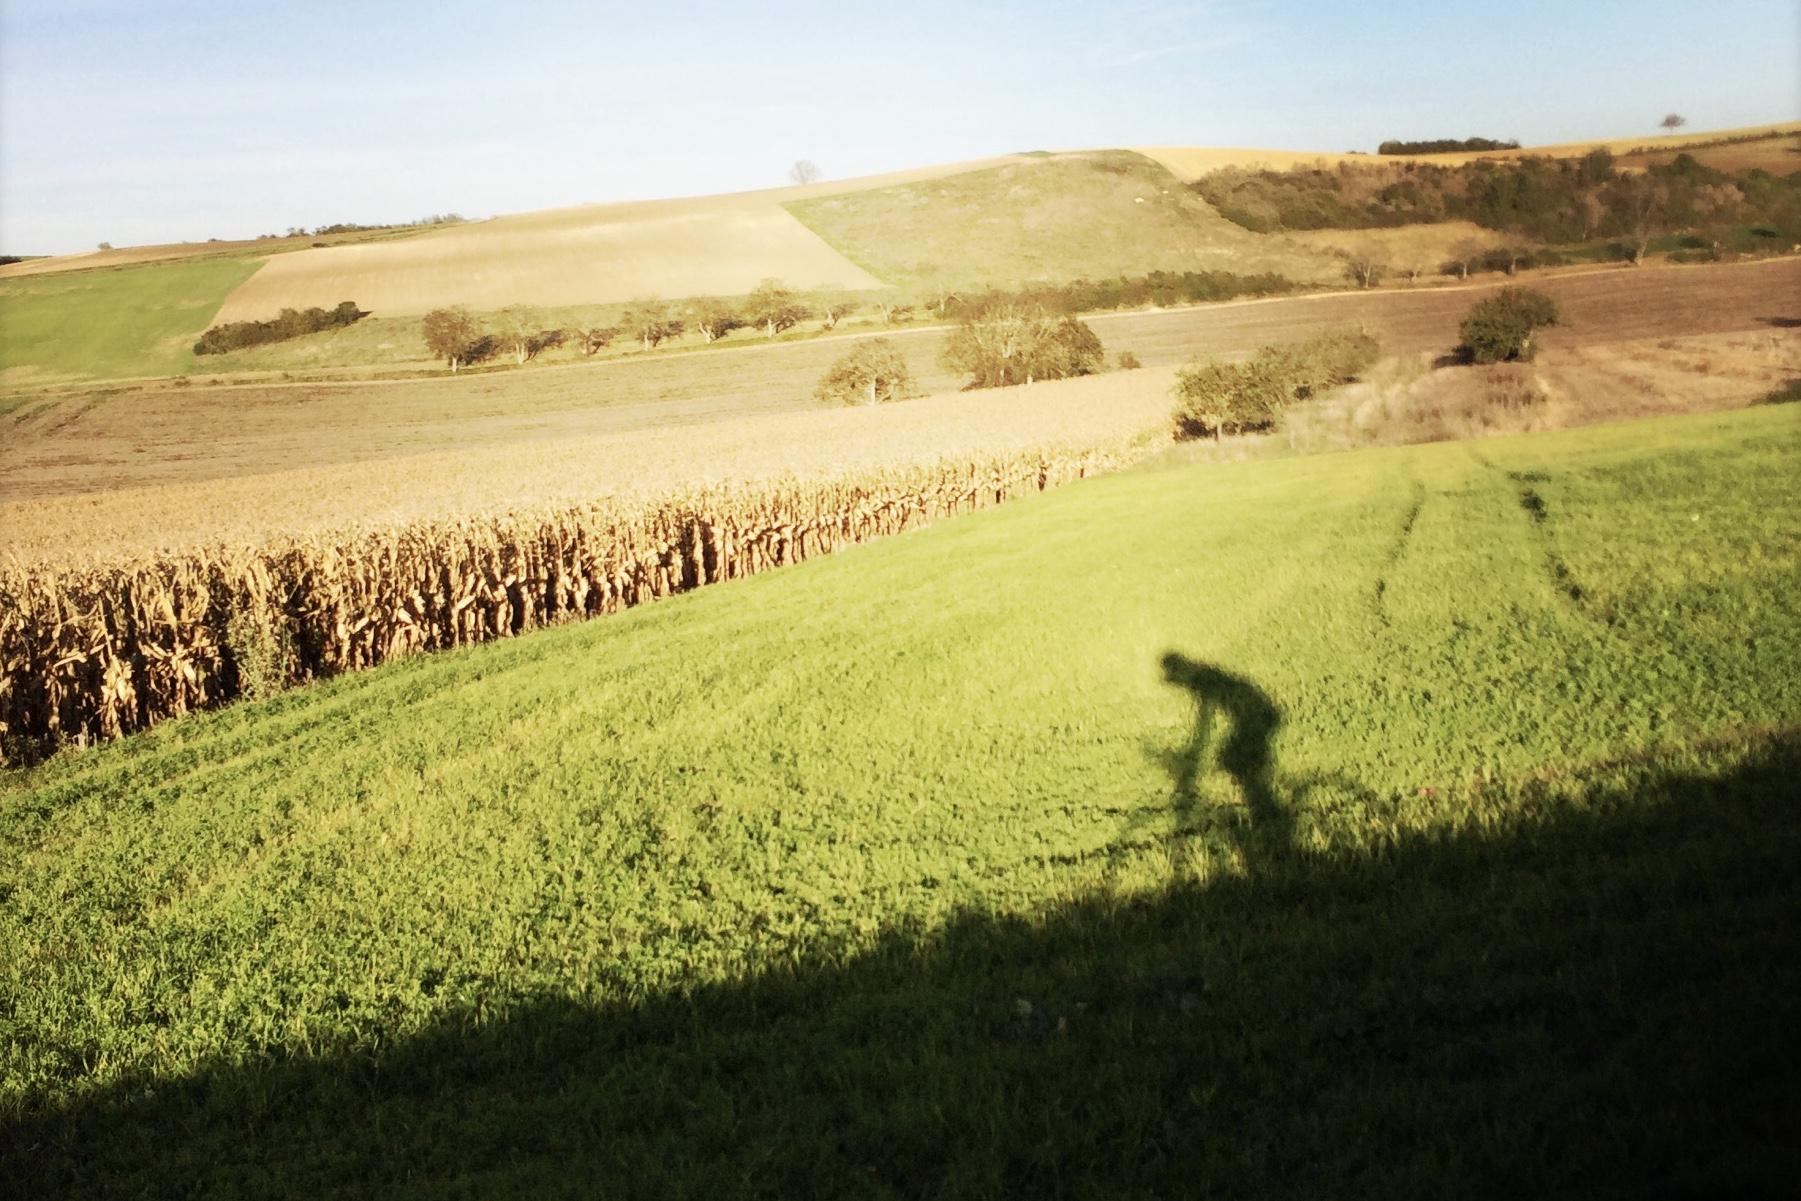 Formules Vélo & Randonnée - Hiking & Biking - Wandel & Fiets - ° pour les pros et les amateurs : c'est génial en Auvergne!° for both pros and amateurs : the circumstances are just perfect around here, in the Auvergne region° zowel voor profs als liefhebbers : het is hier heerlijk wandelen en fietsen in de Auvergne